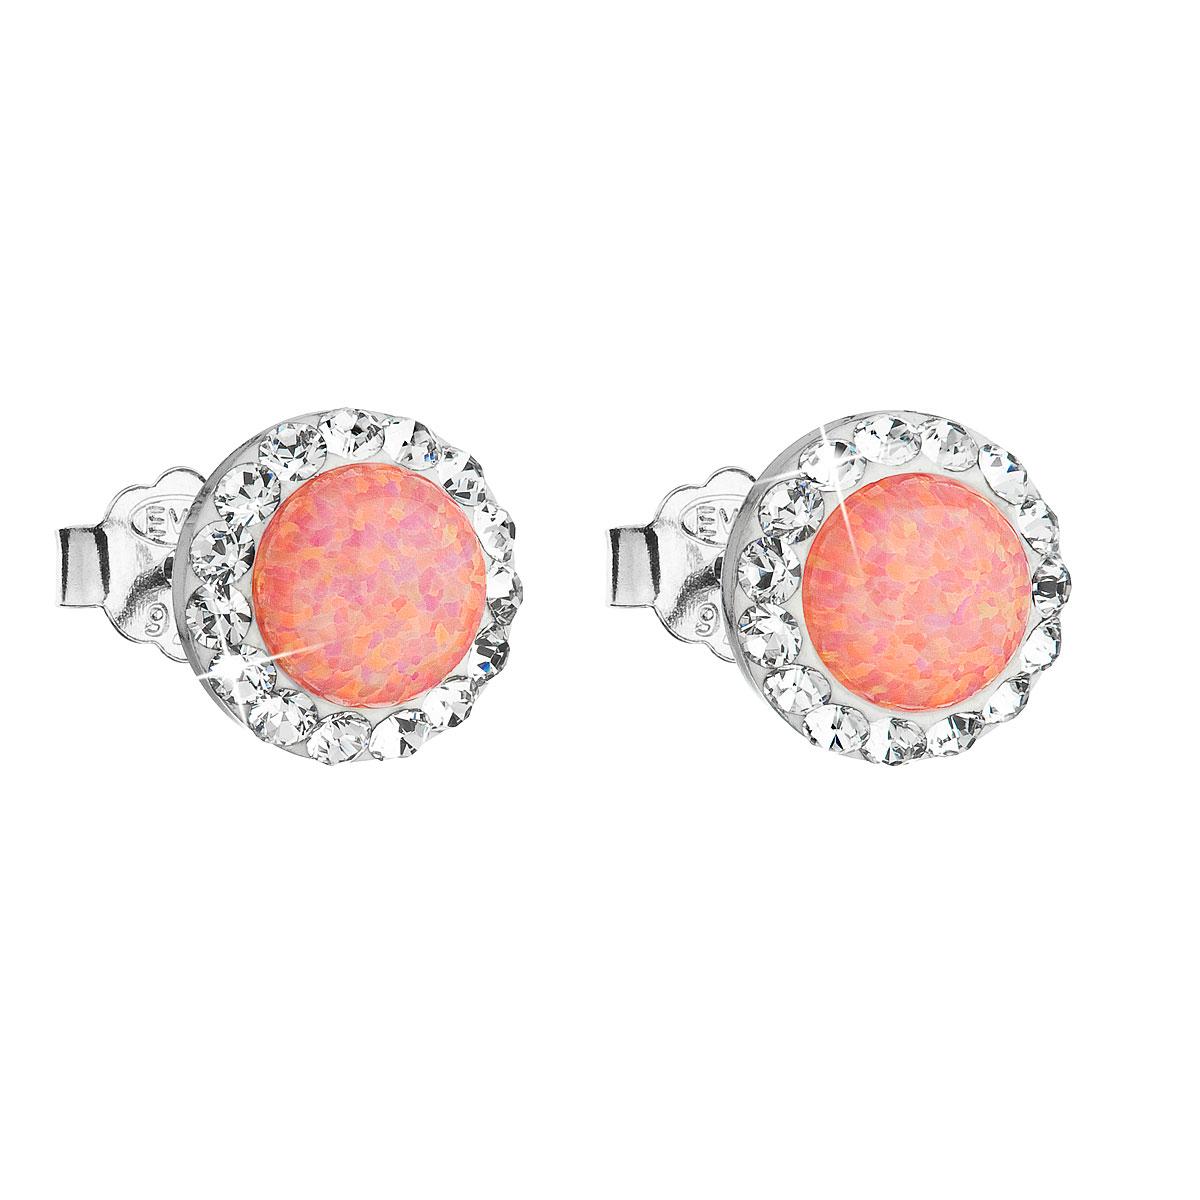 Strieborné náušnice perličky so syntetickým opálom a krištálmi Swarovski oranžové okrúhle 31217.1